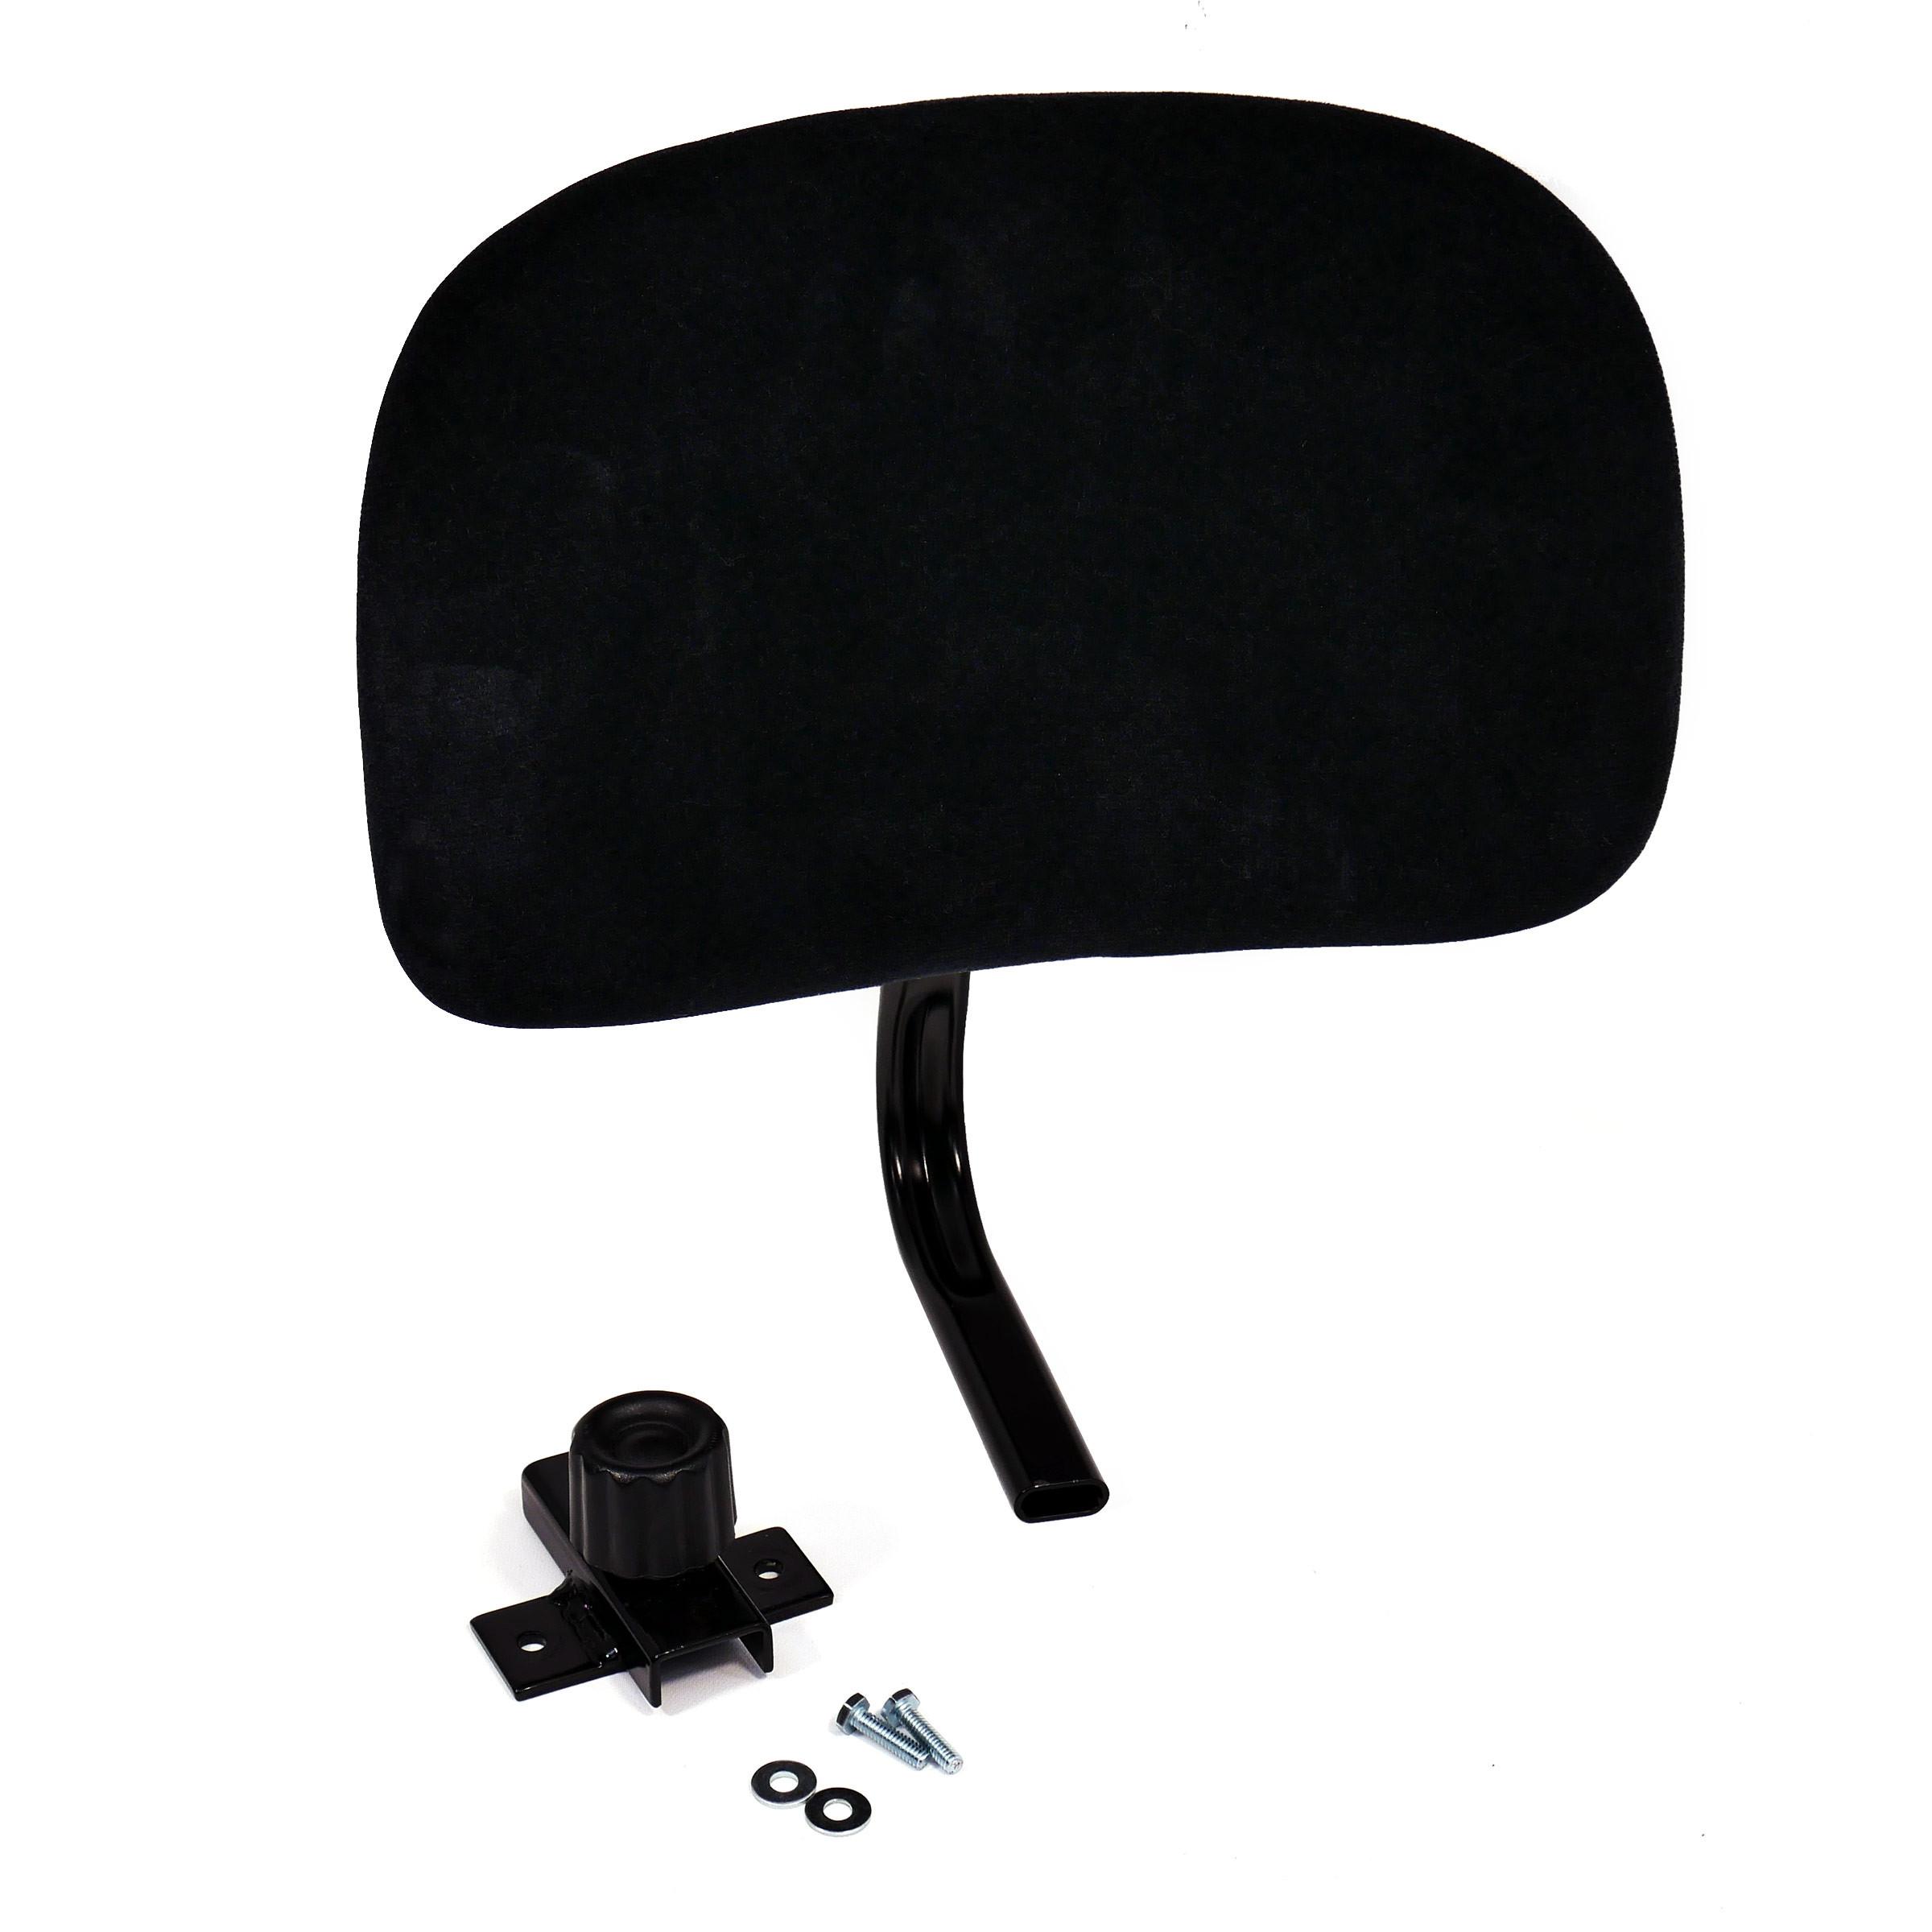 roc n soc backrest assembly drums on sale. Black Bedroom Furniture Sets. Home Design Ideas